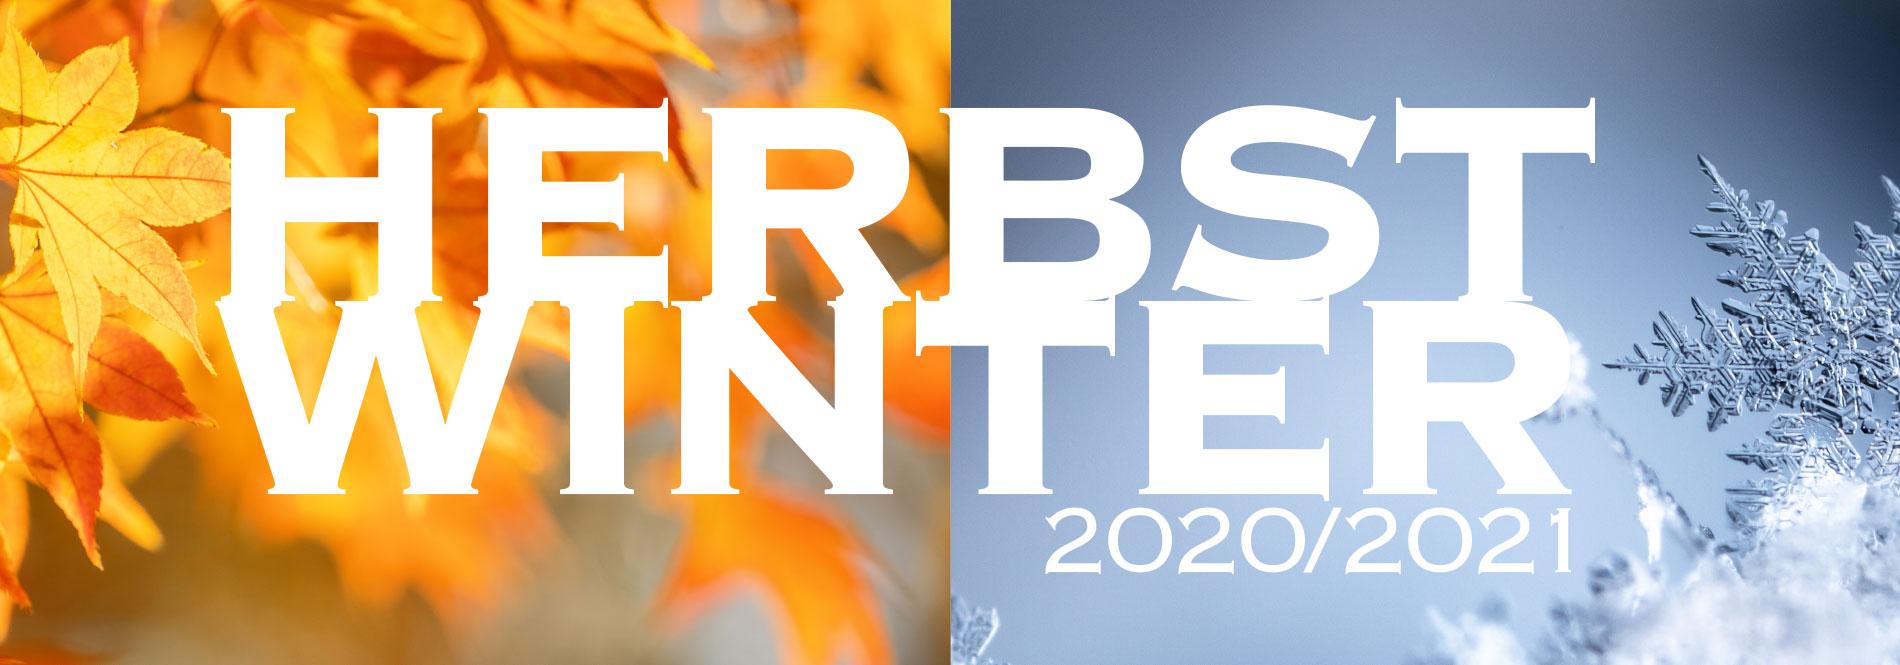 hero-herbst-winter-2020